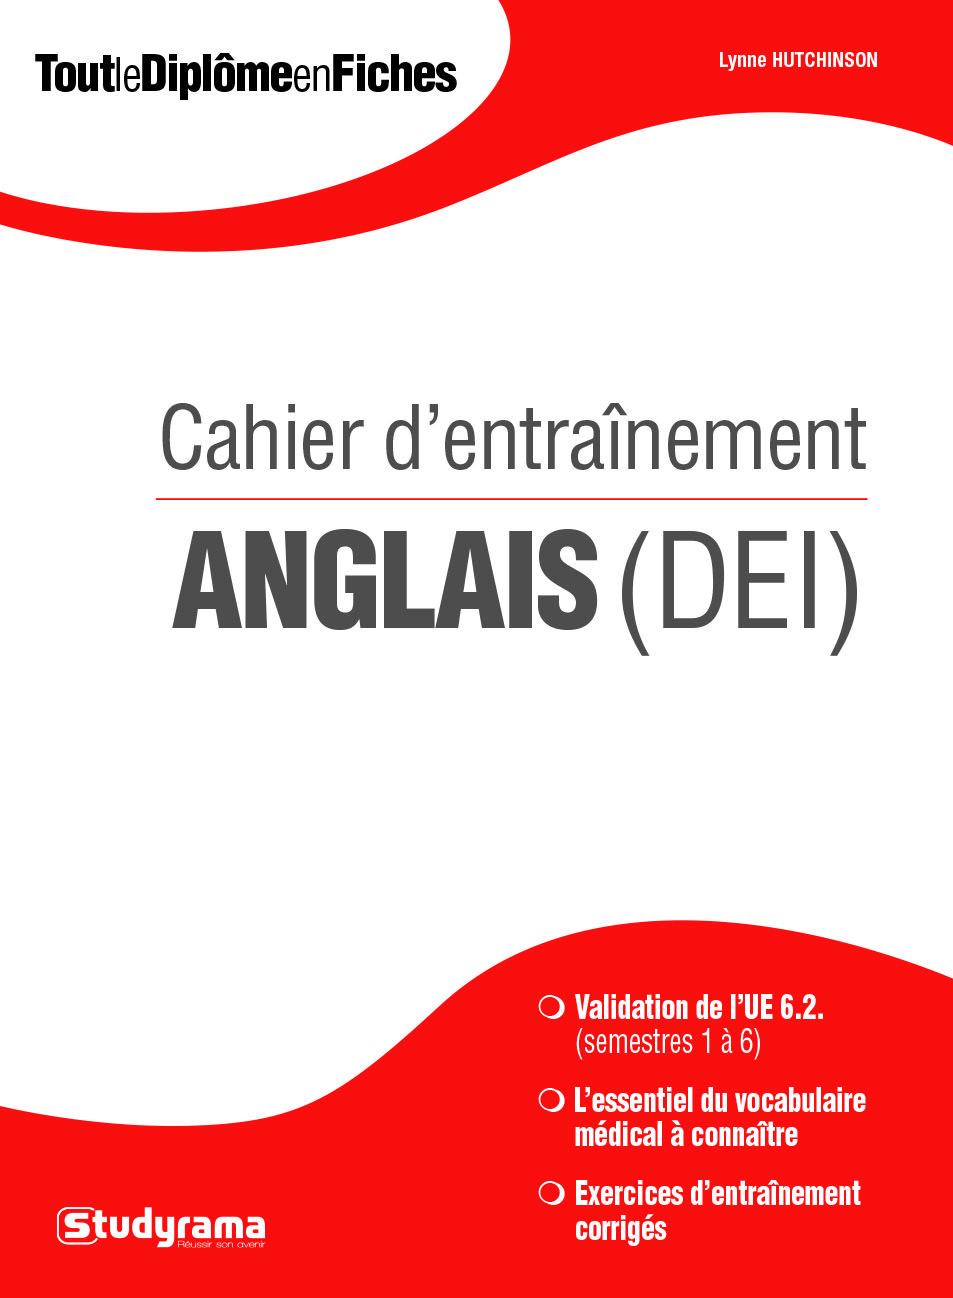 CAHIER D'ENTRAINEMENT ANGLAIS (DEI)